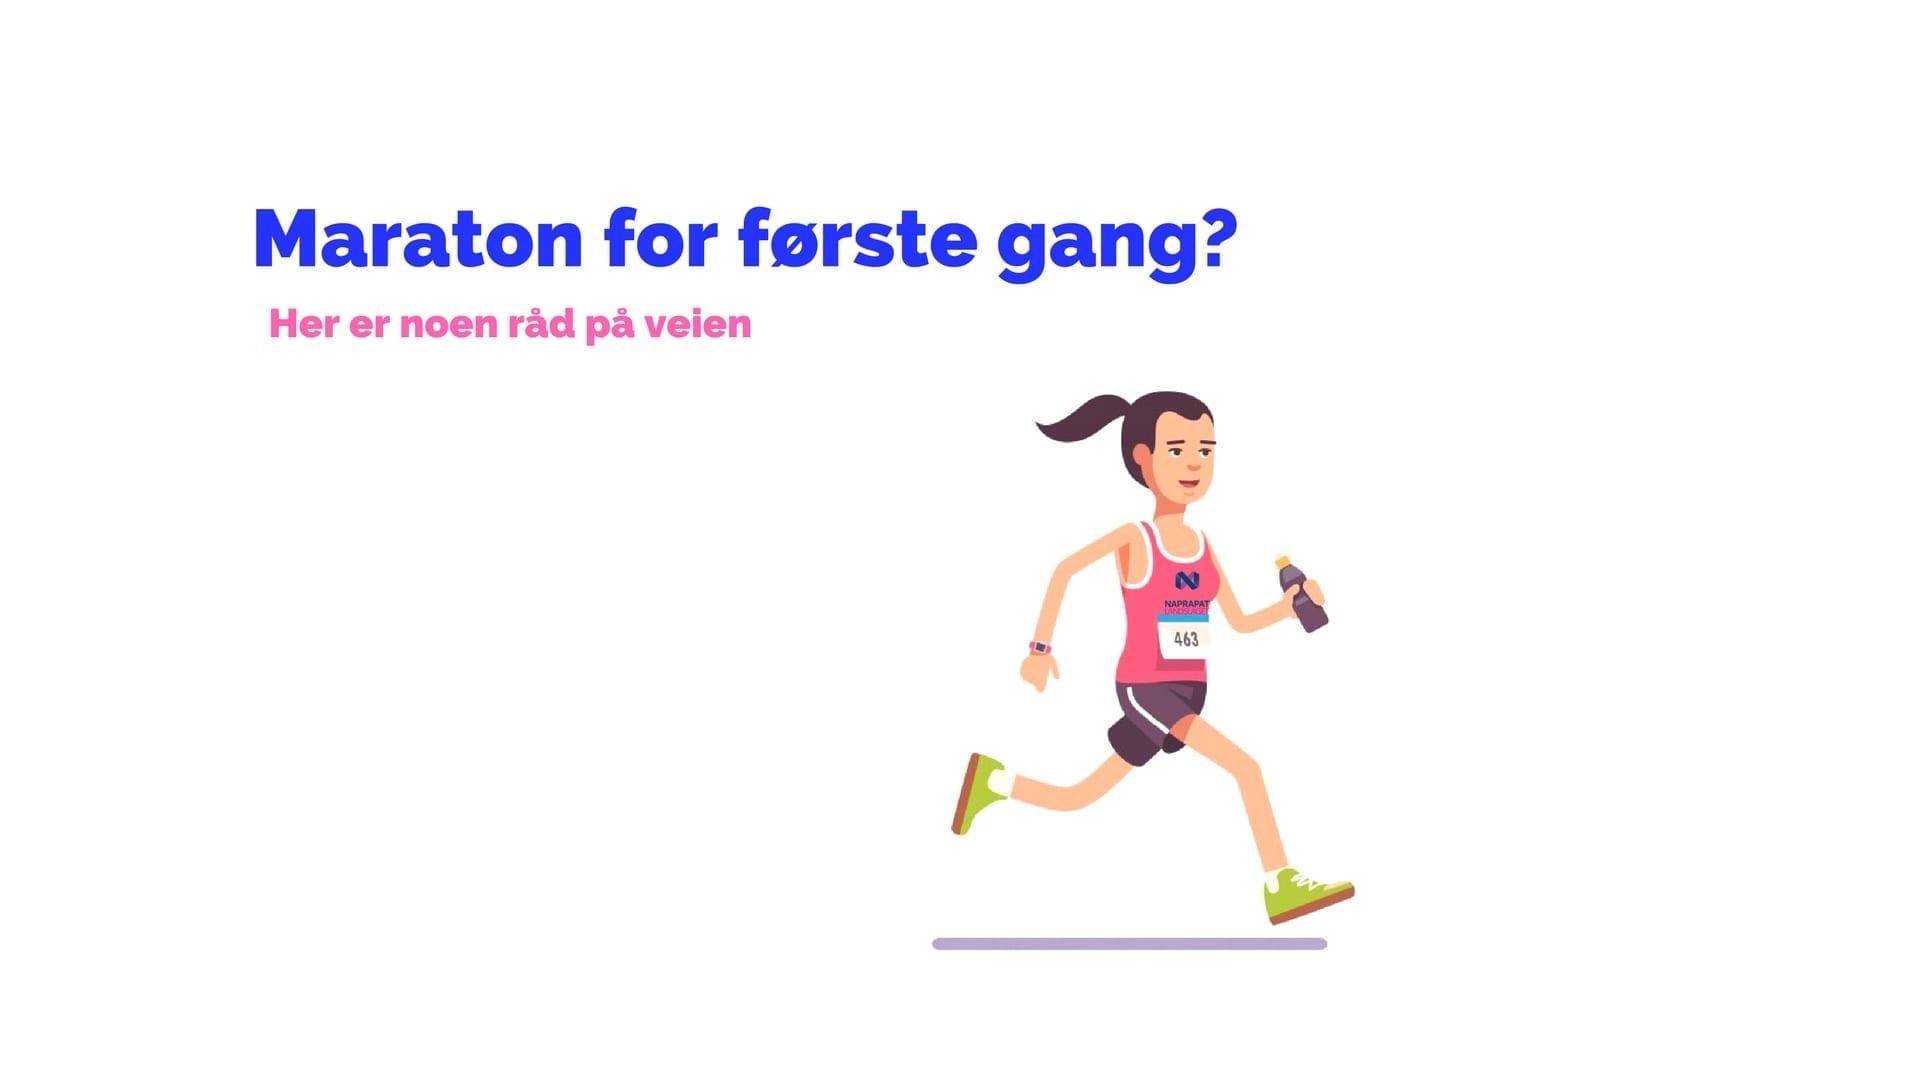 Maraton For Første Gang? Her Er Noen Gode Råd.